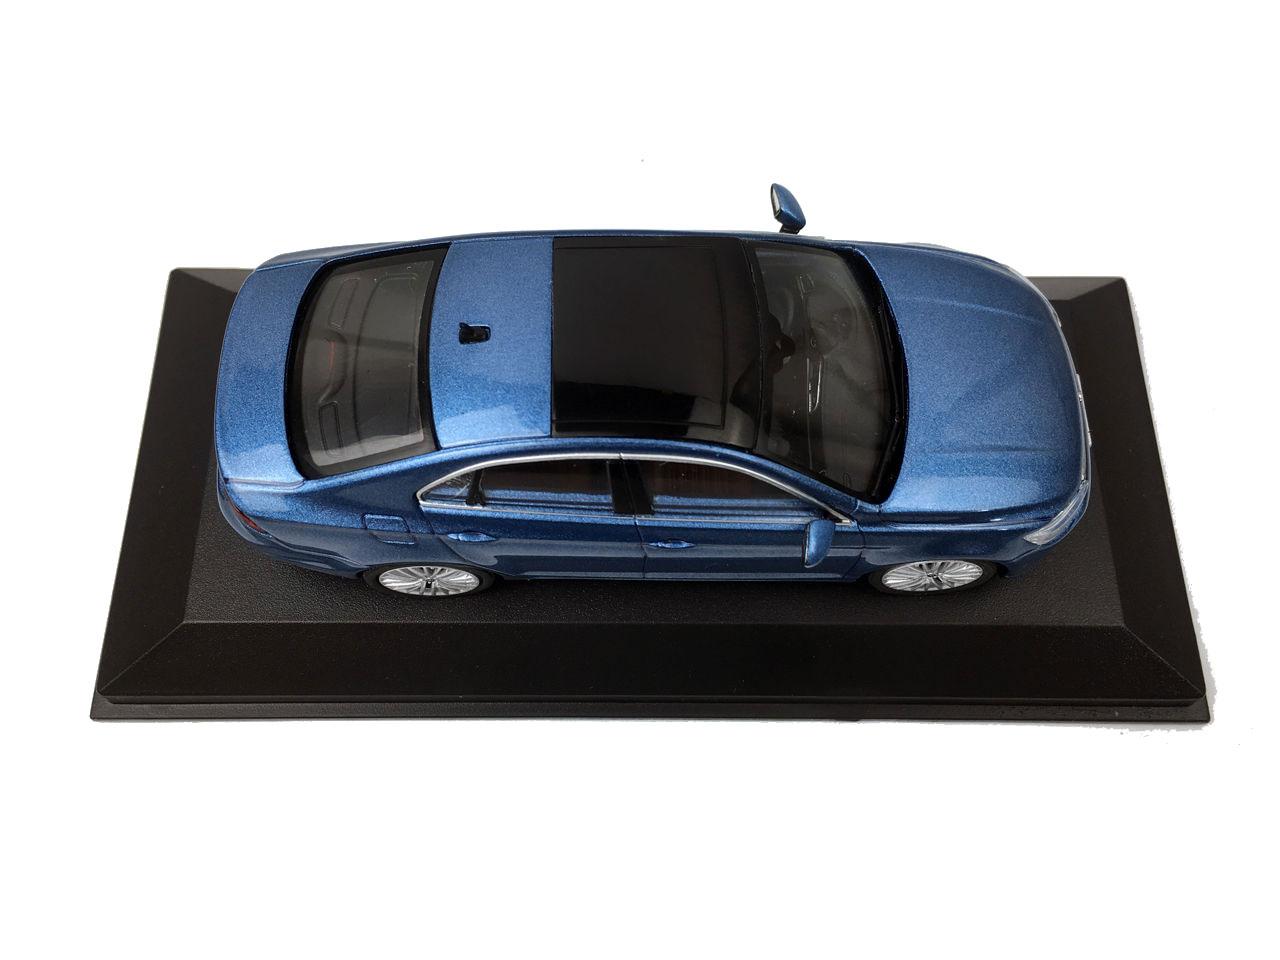 volkswagen lamandojetta cc  scale diecast model car wholesale paudi model